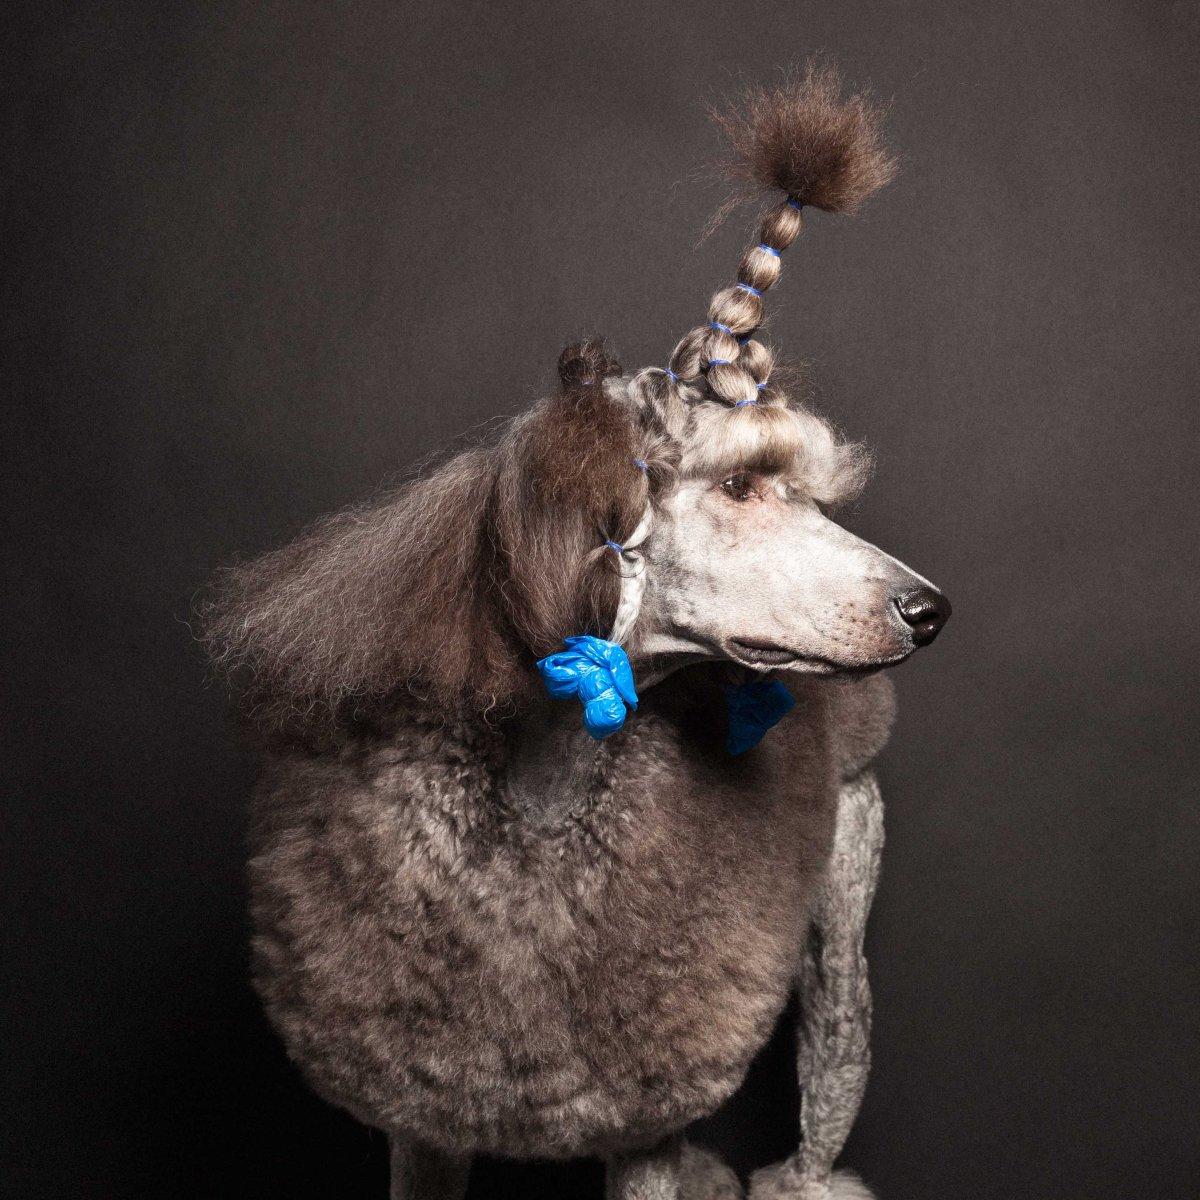 Concurso de moda canina mostra porque os cães mordem gente 10